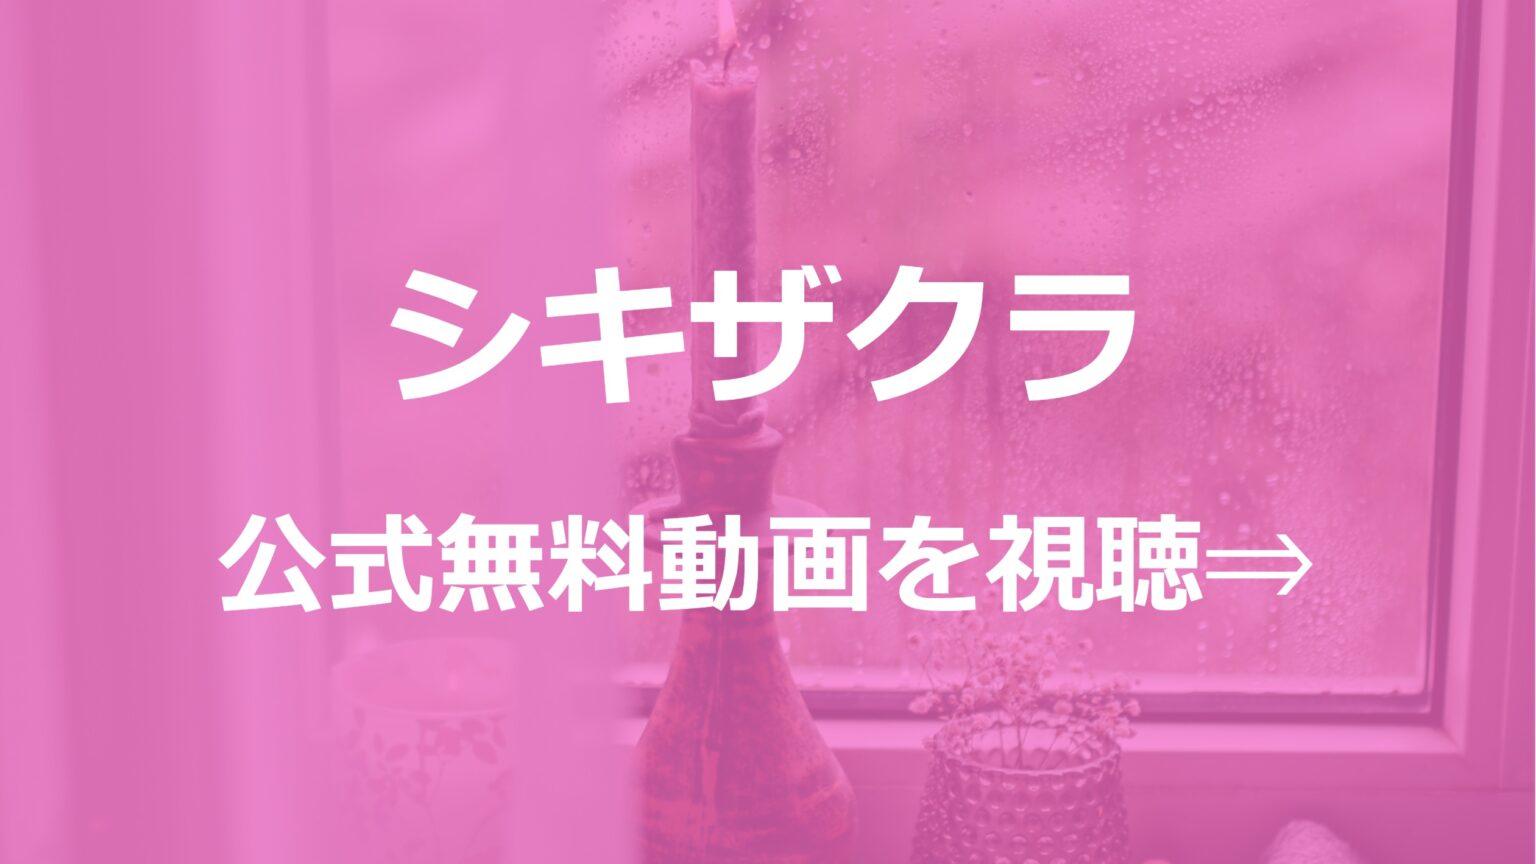 アニメ「シキザクラ」無料フル動画を1話~全話視聴できる公式配信サービスまとめ!